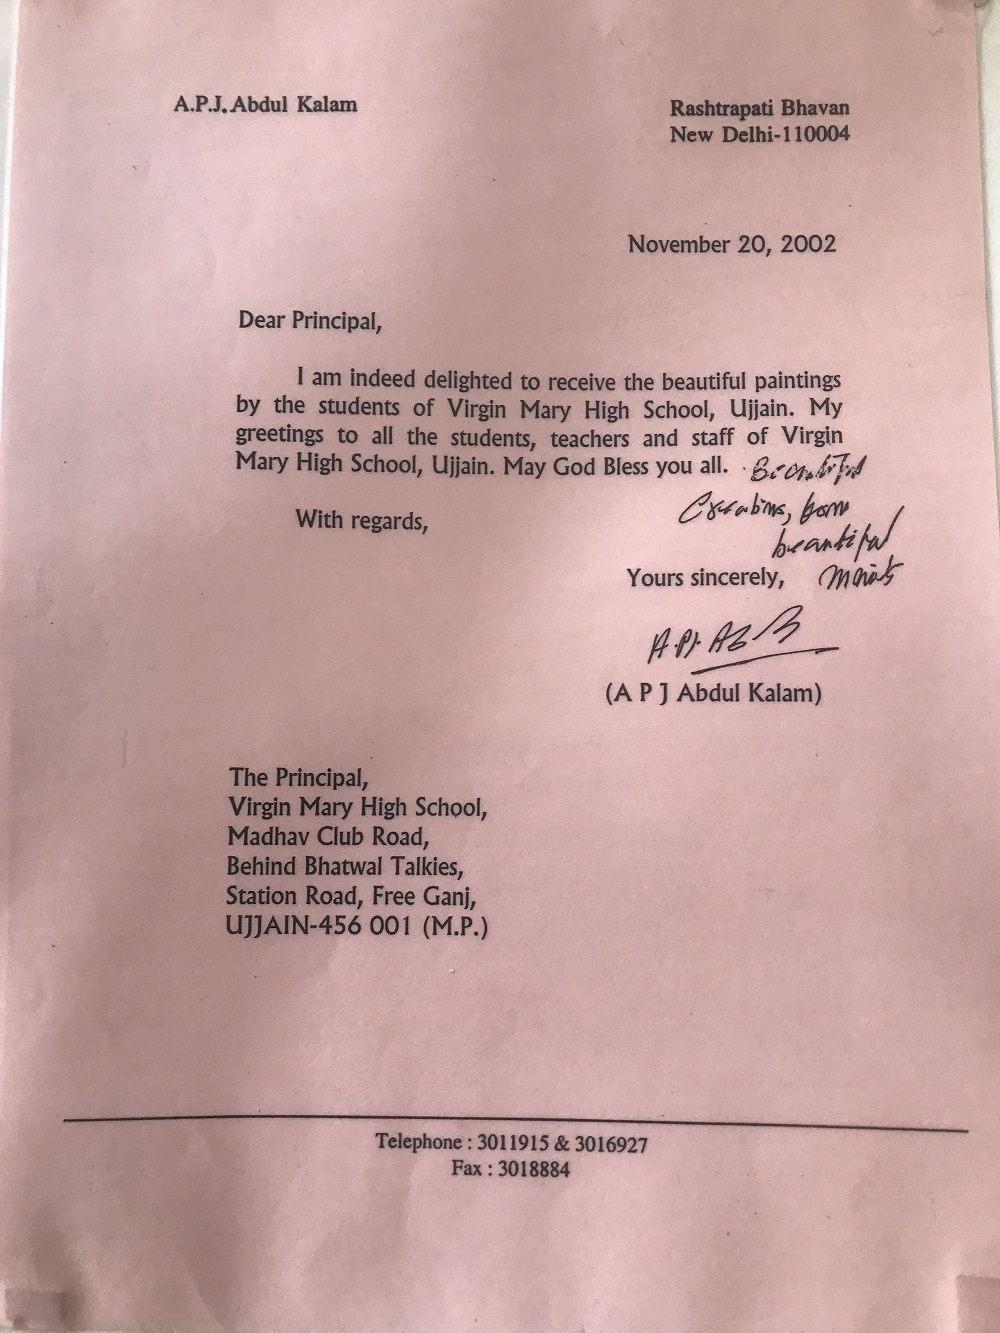 APJ Abdul Kalam Letter